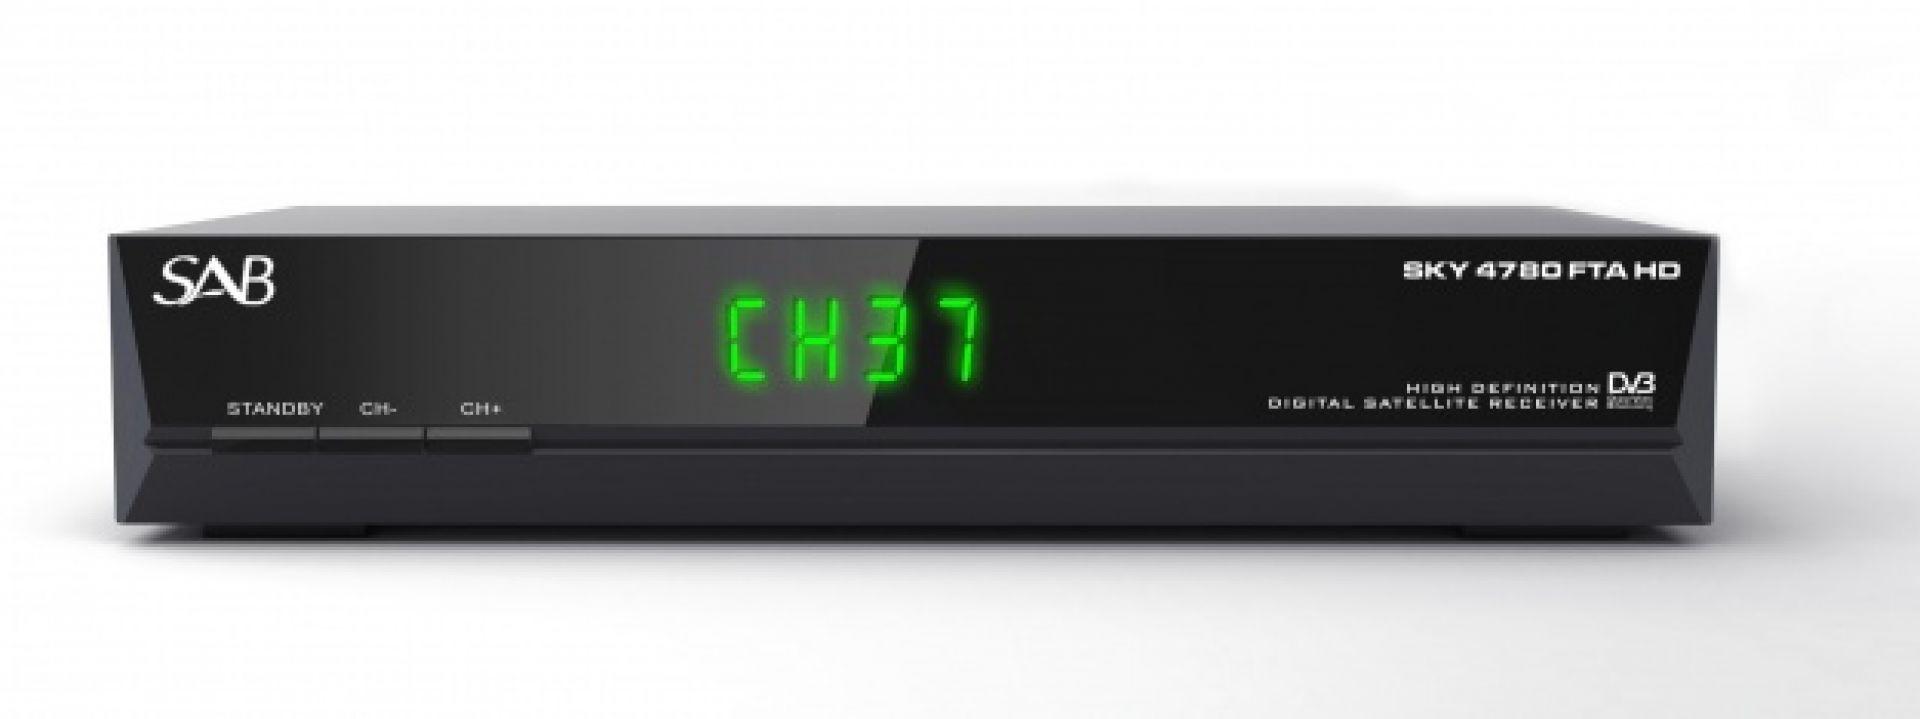 SAB SKY 4780 HD FTA S809